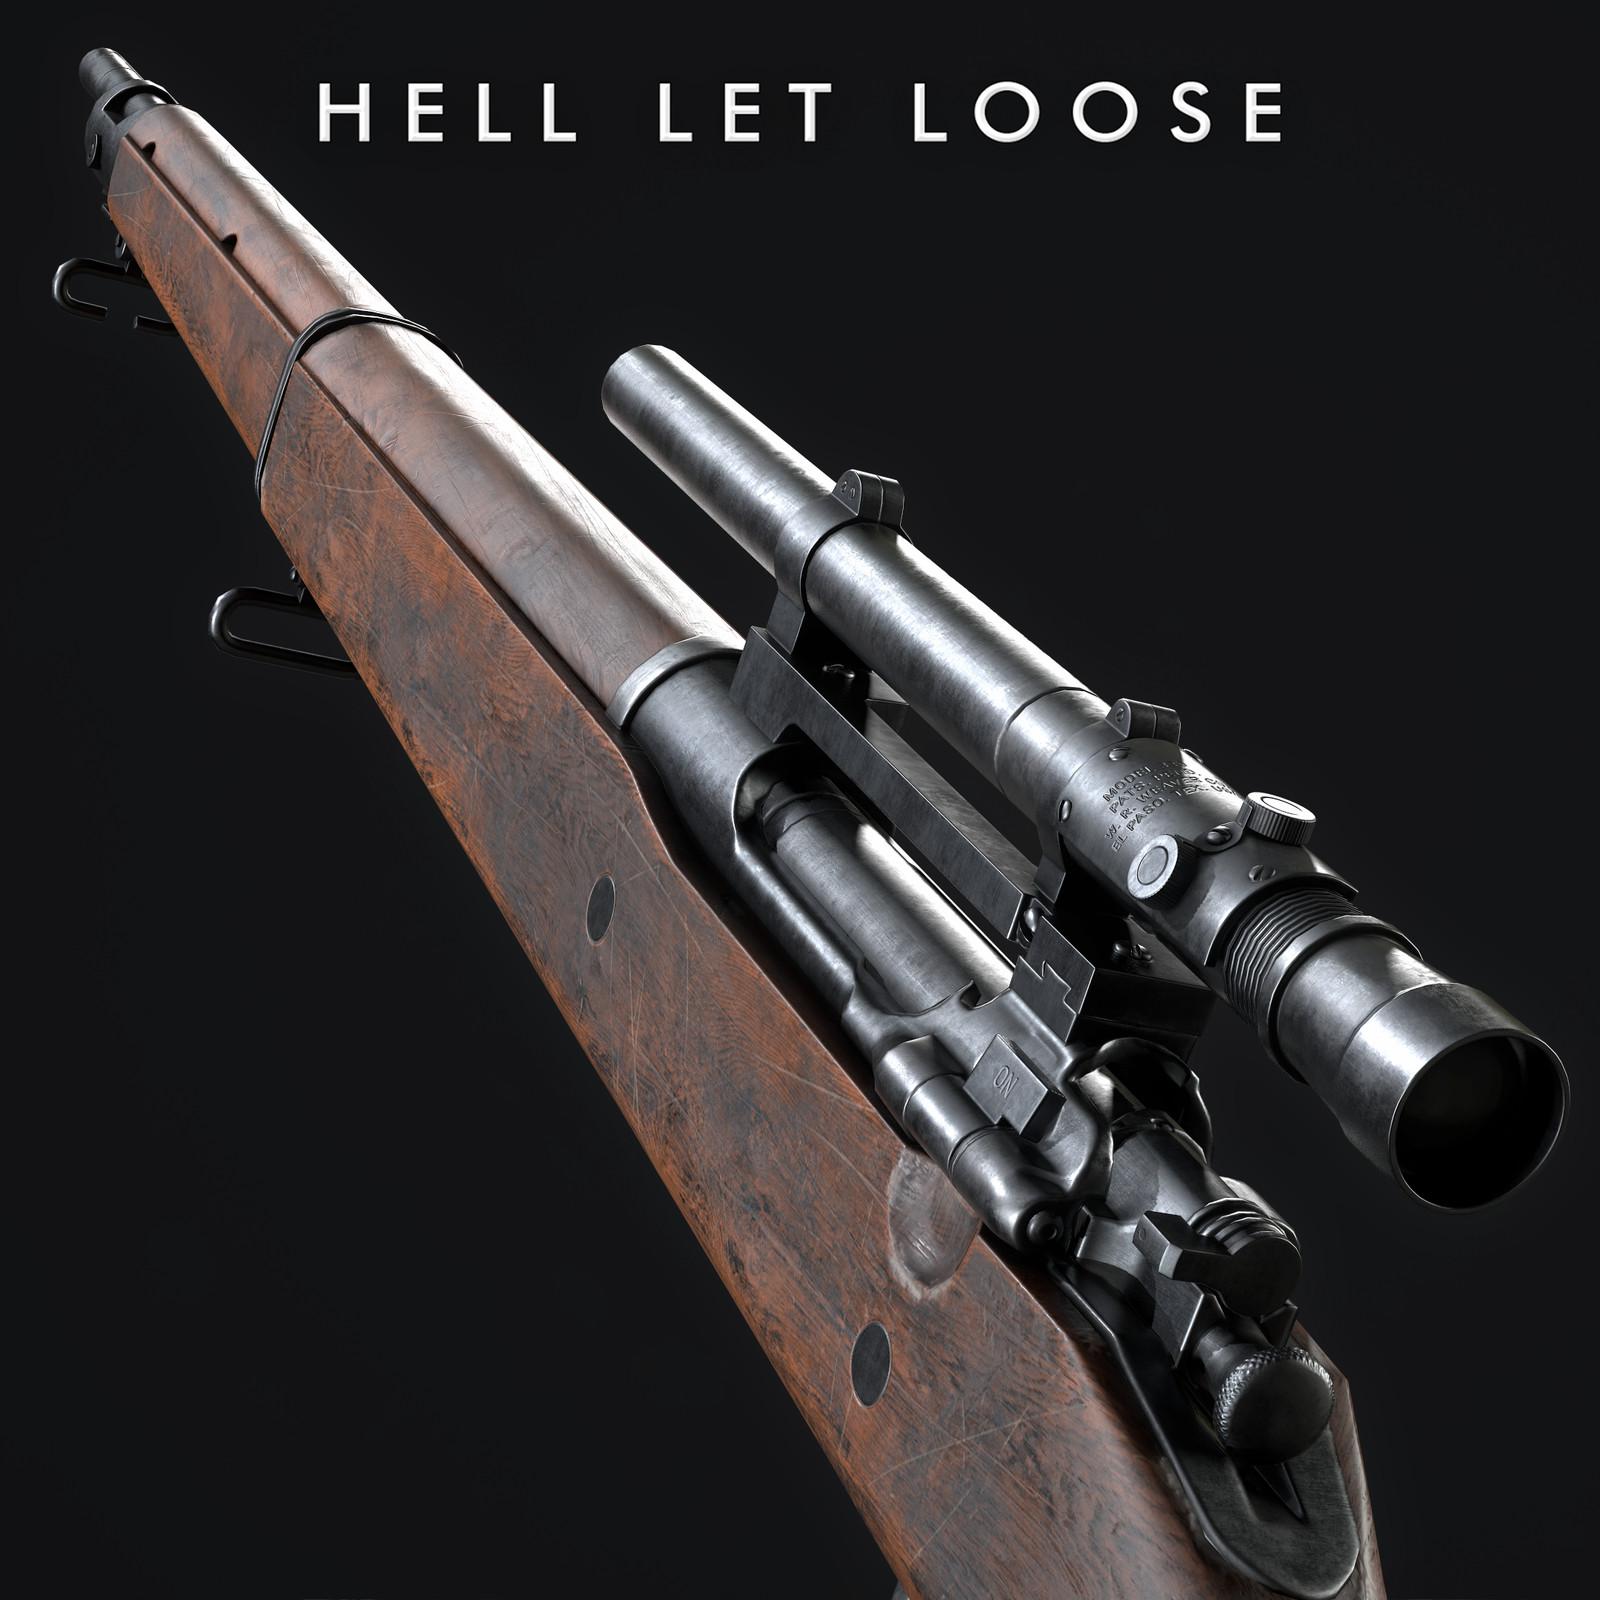 M1903A4 Springfield